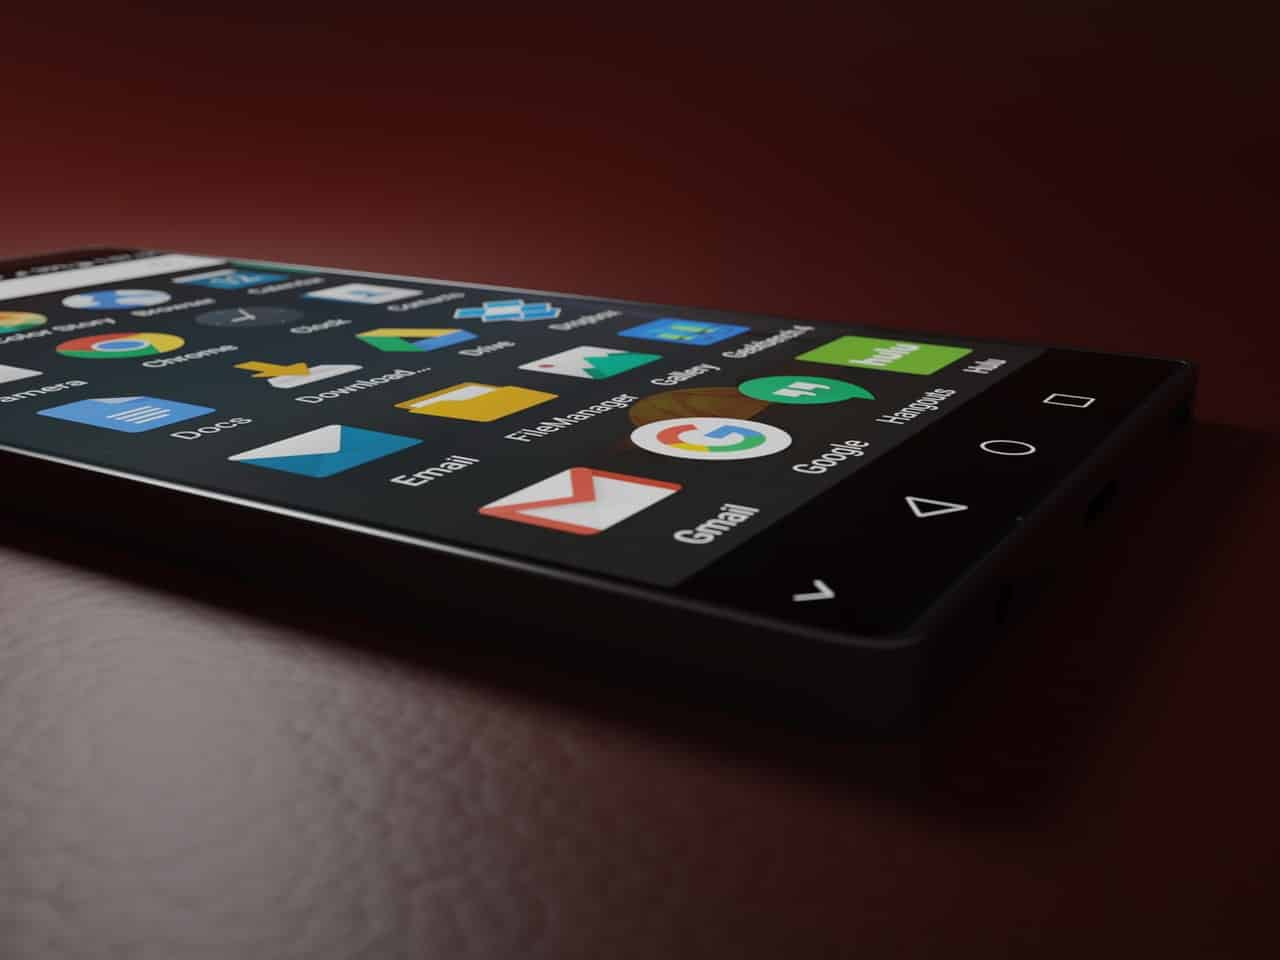 Téléphone portable iPhone avec applications dont Gmail